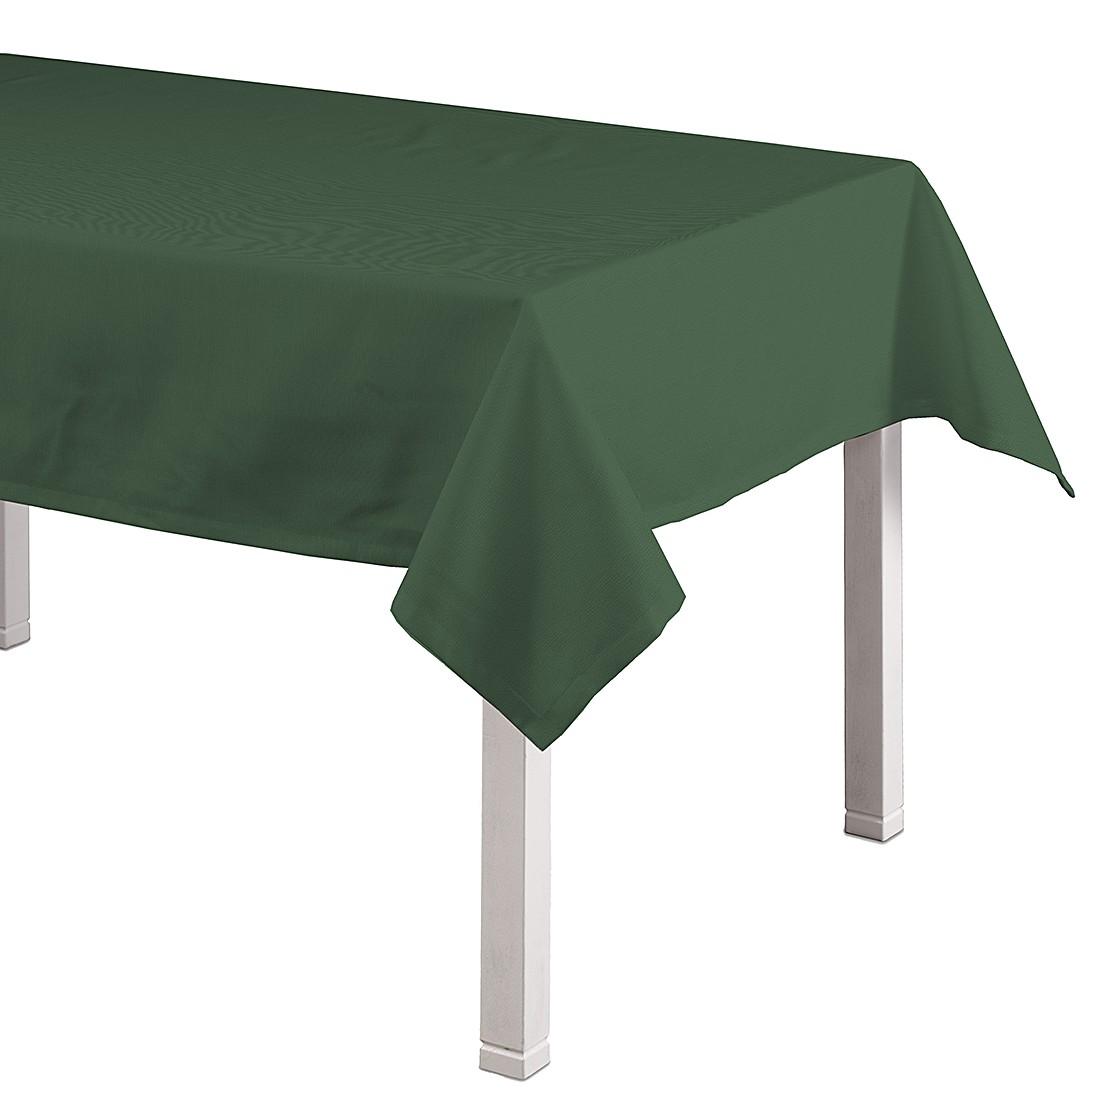 Tischdecke Cotton Panama – Tannengrün – 130 x 180 cm, Dekoria online kaufen